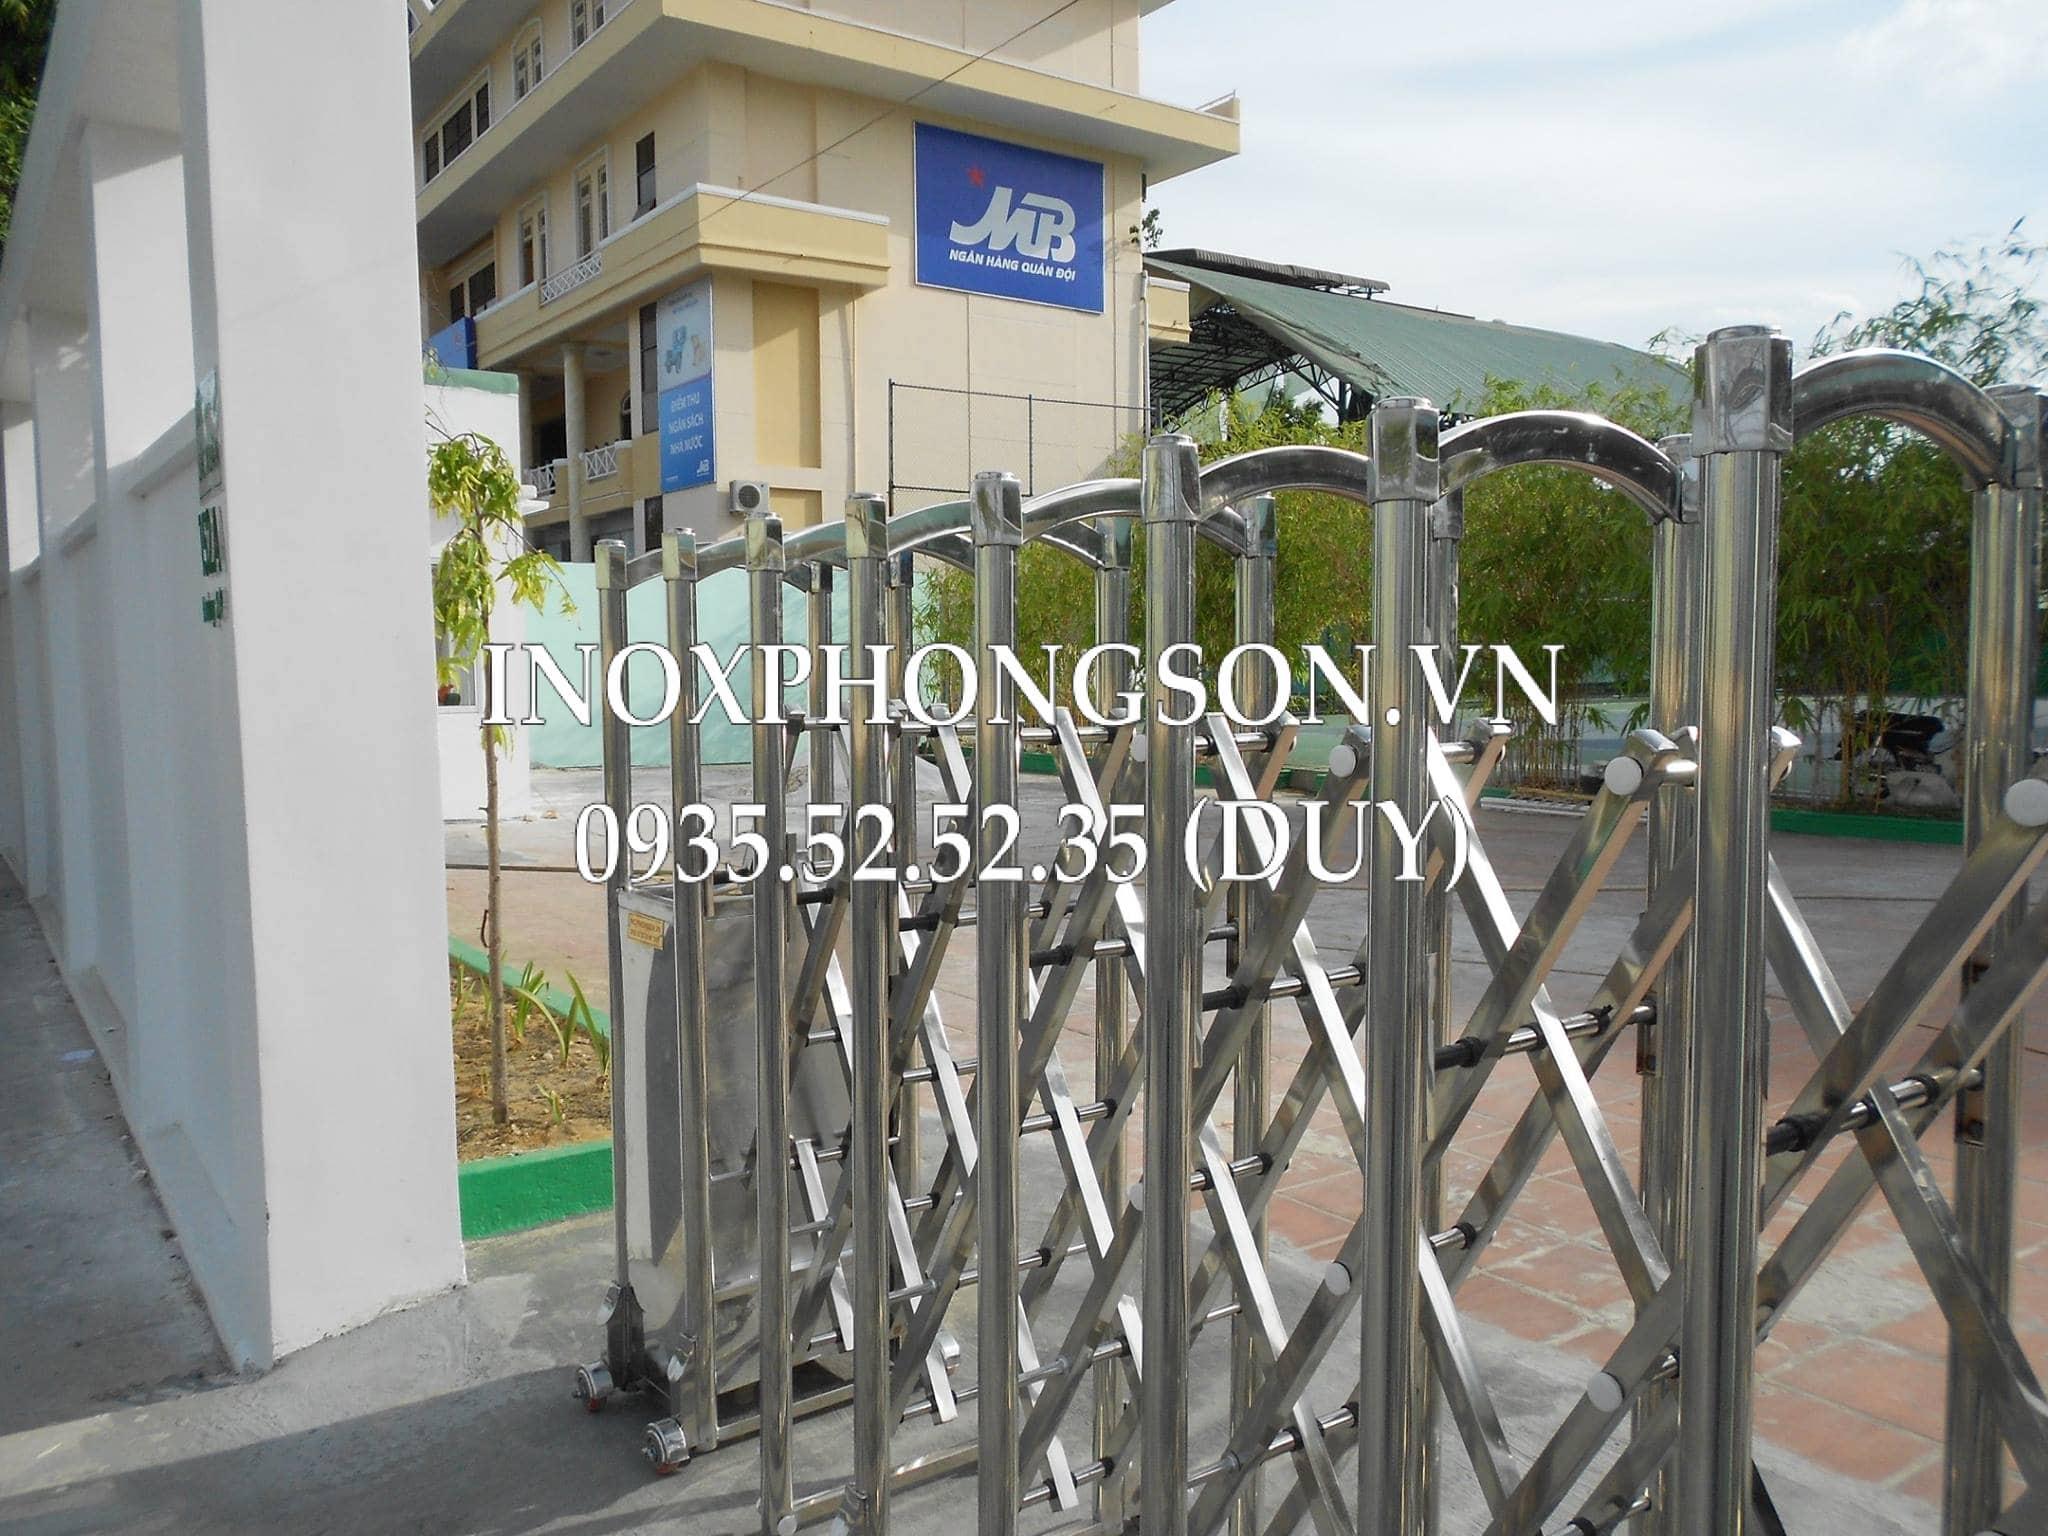 Thẩm mỹ viện Xuân Trường - Đà Nẵng